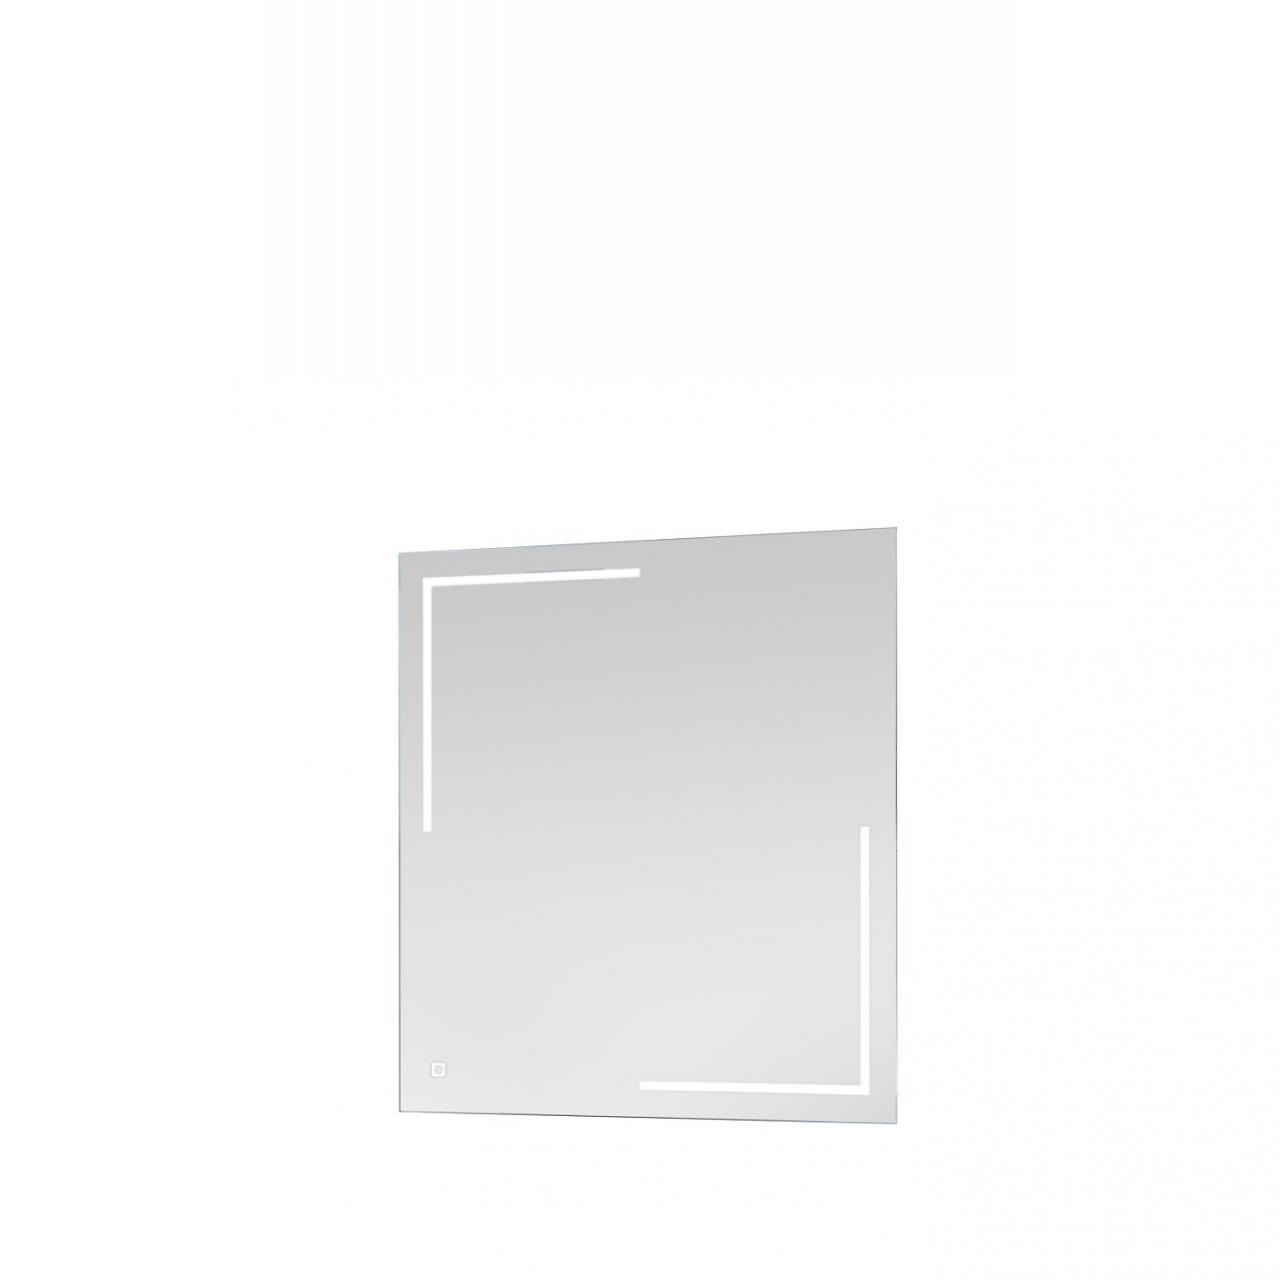 Spiegel 54-017 inkl. LED-Licht Touch Lichtschalter Badezimmer Gäste-WC Bad